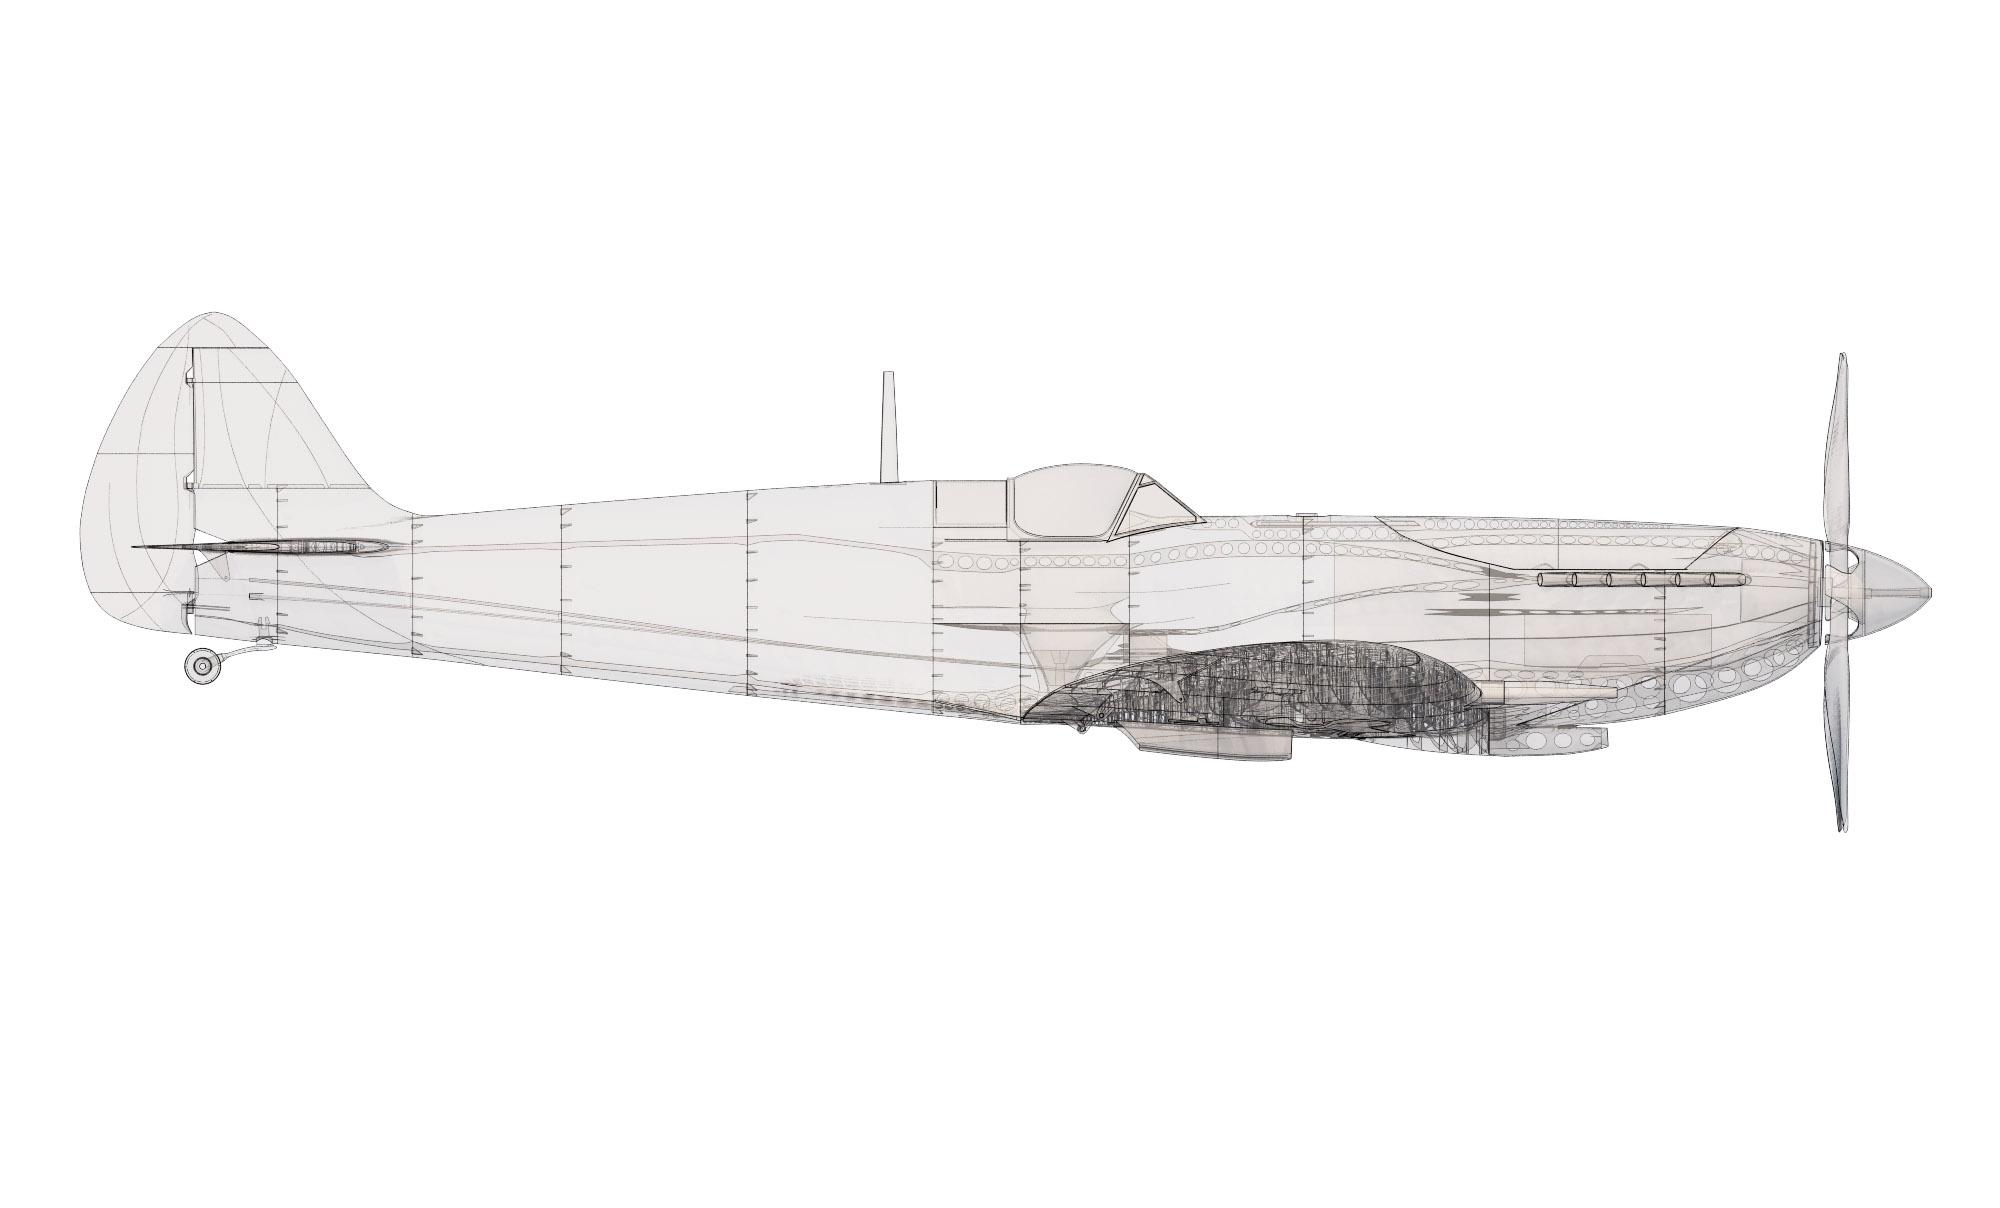 spitfire_MkIX_side